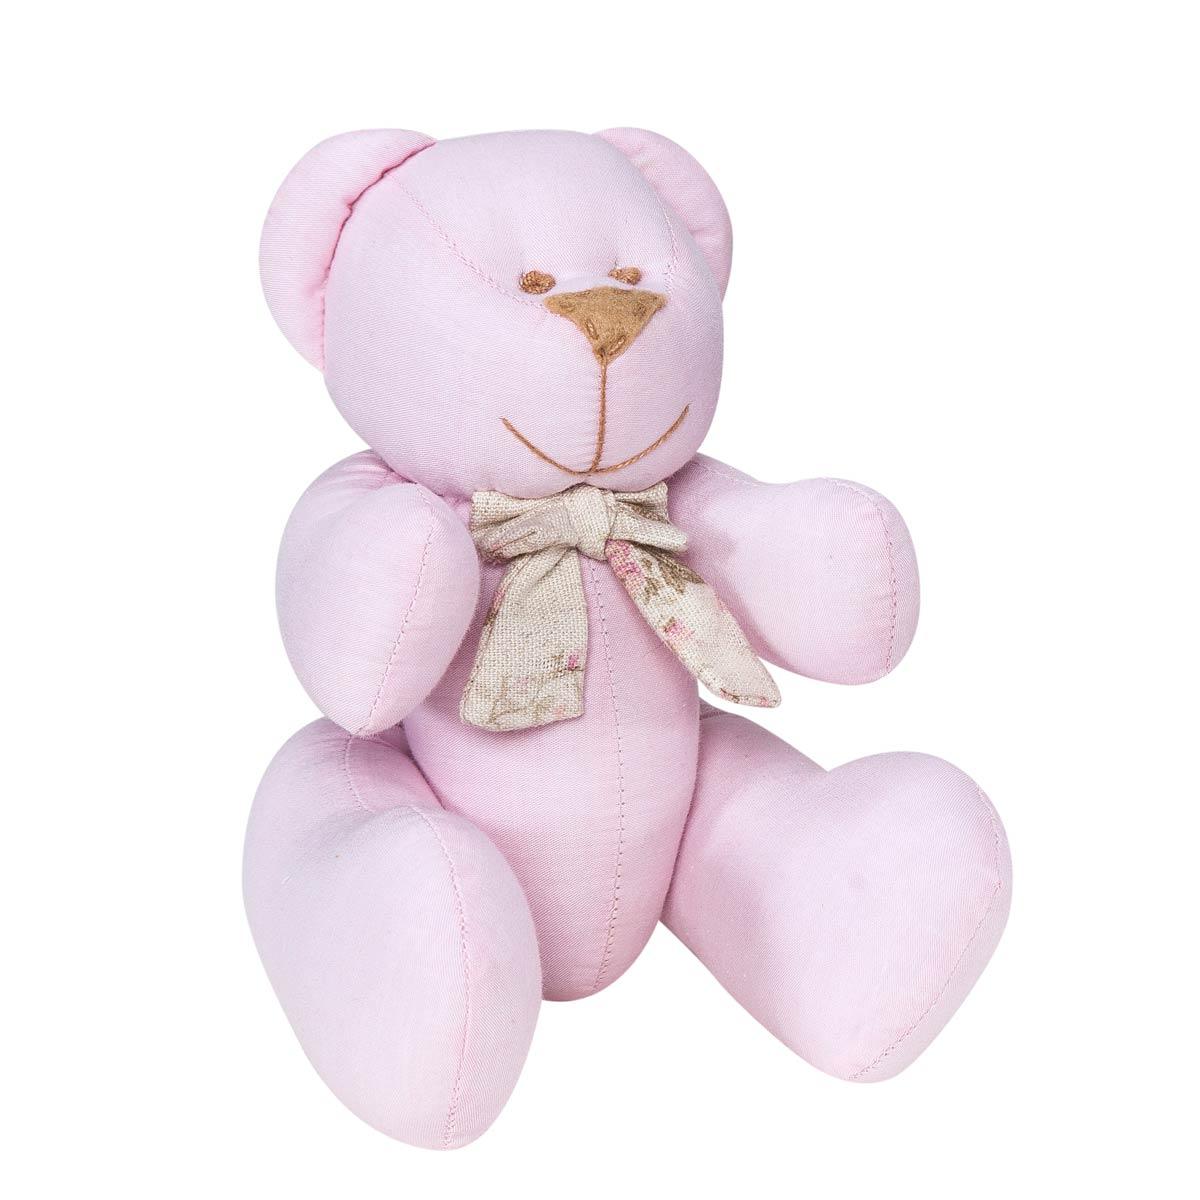 Enfeite Decorativo Urso P Coleção Lacinhos Baby 25cm - Rosa